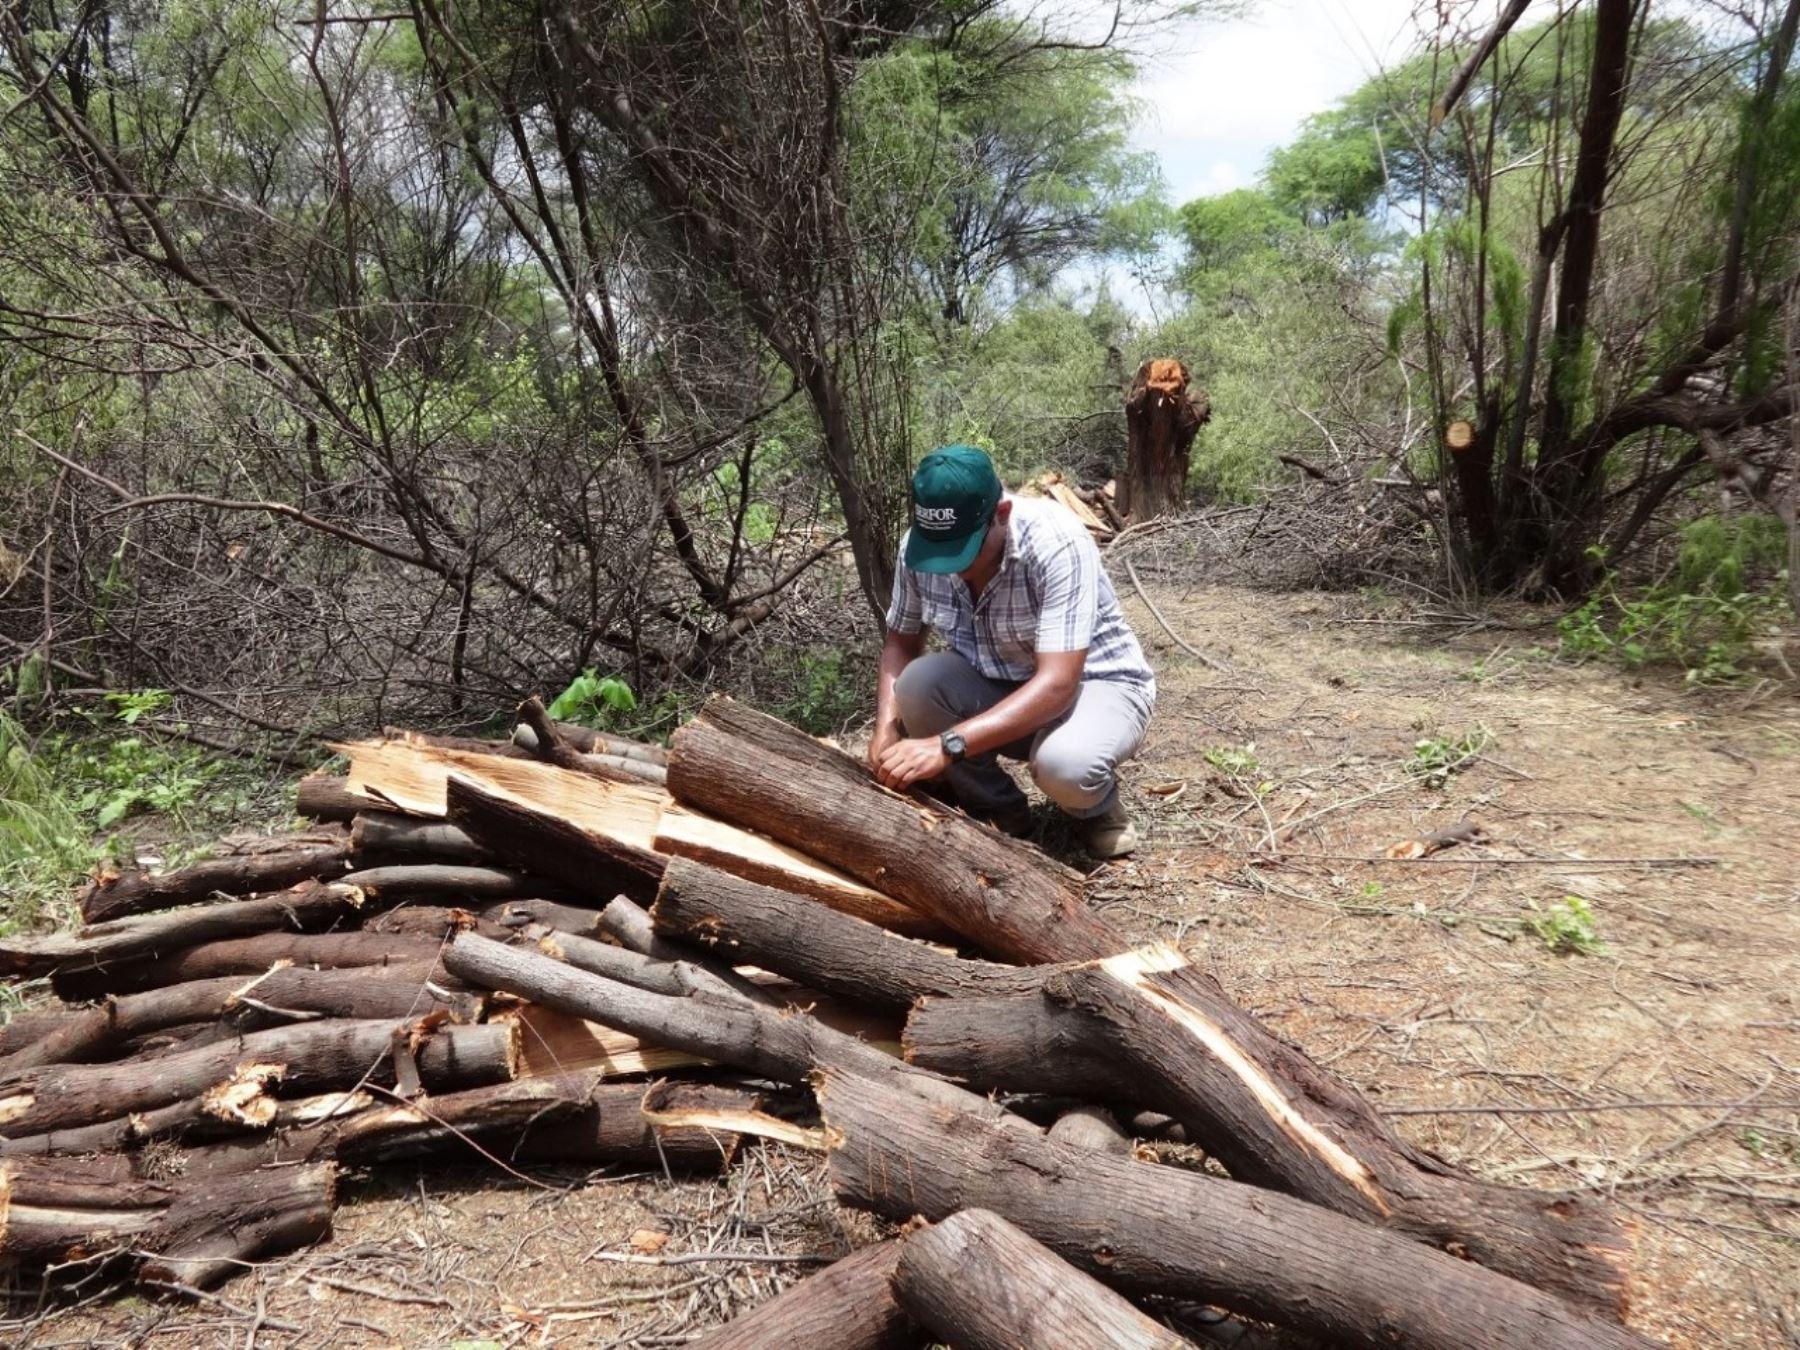 Con video educativo buscan hacer reflexionar sobre peligros de la deforestación. Cortesía